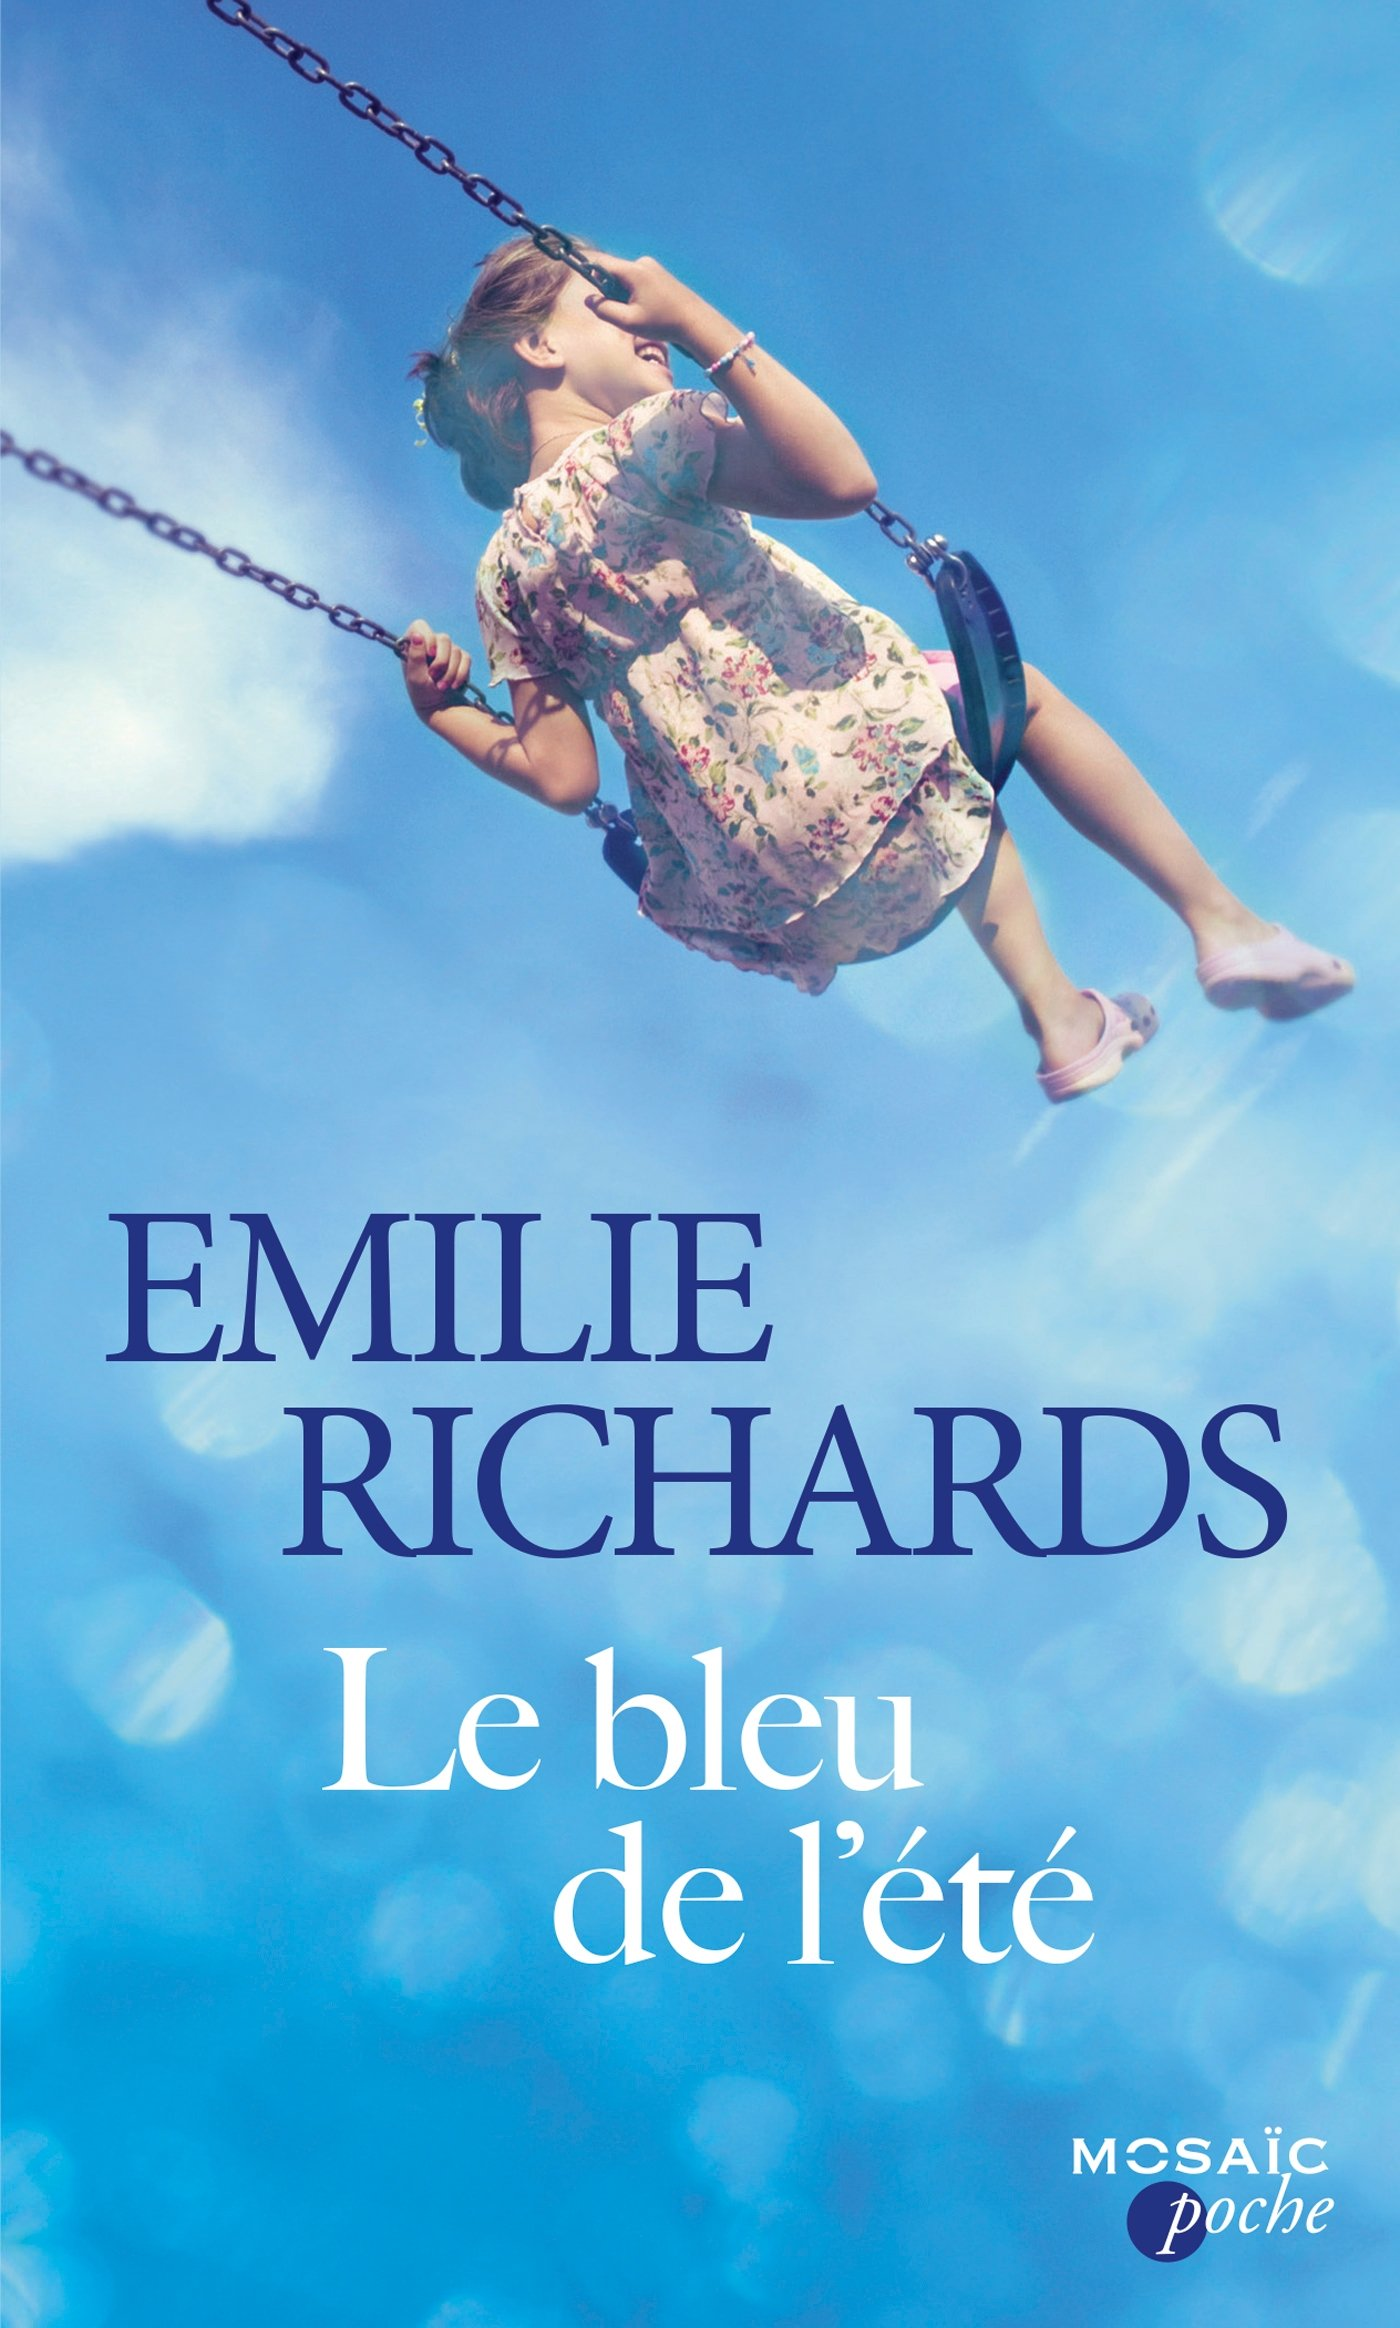 Le bleu de lété (Mosaïc Poche): Amazon.es: Richards, Emilie ...